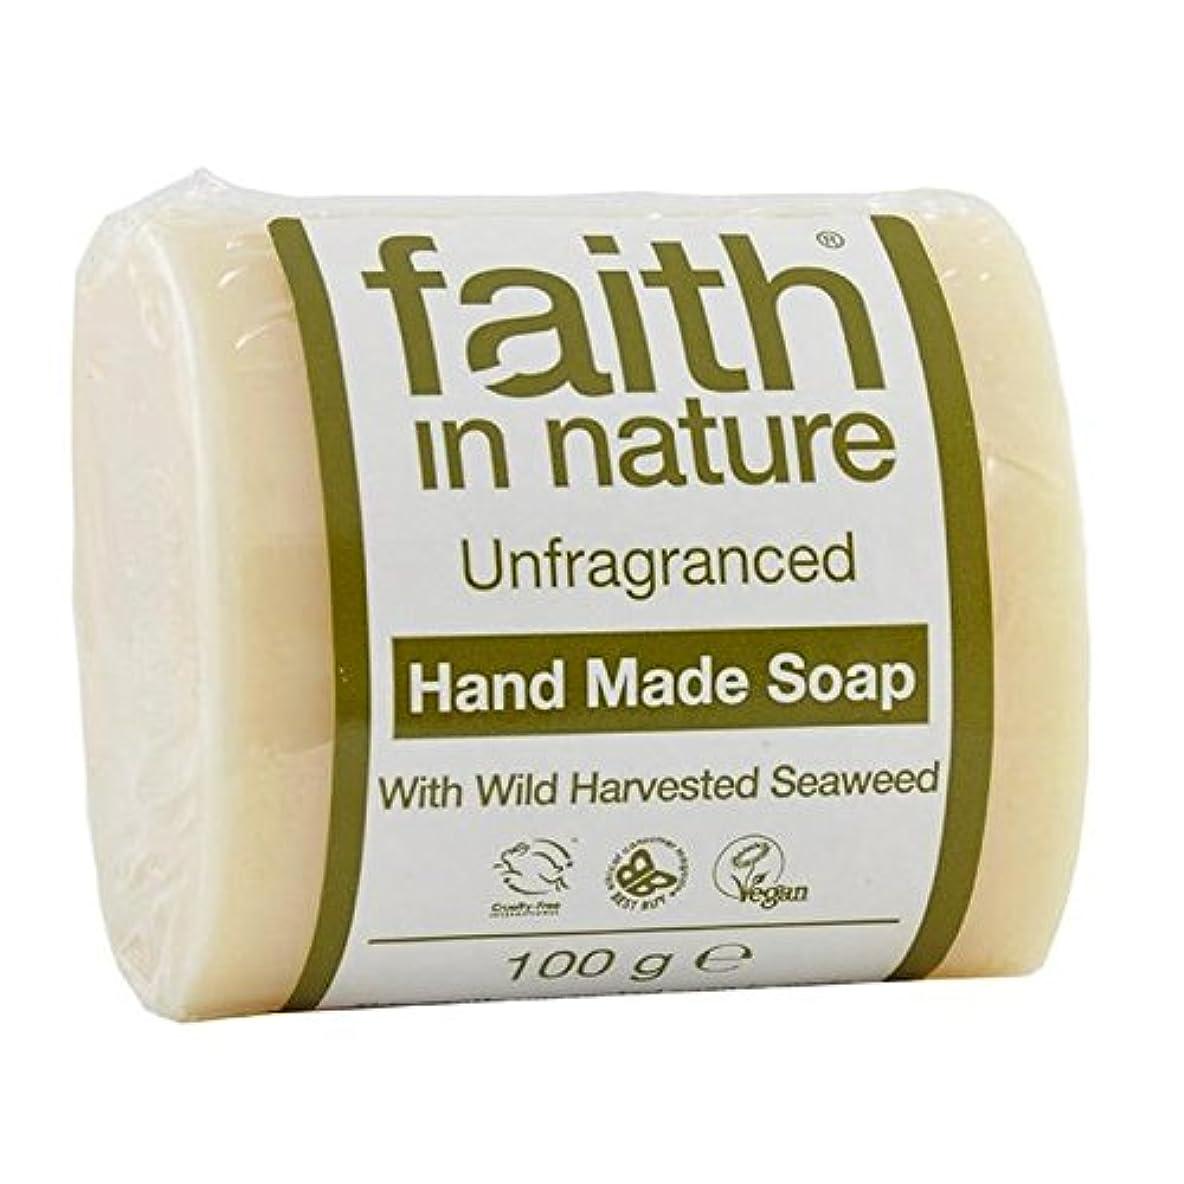 照らす発明アンプFaith in Nature Unfragranced Pure Hand Made Soap 100g (Pack of 2) - (Faith In Nature) 自然の中で信仰は純粋な手作り石鹸100グラムを無香料 (x2) [並行輸入品]